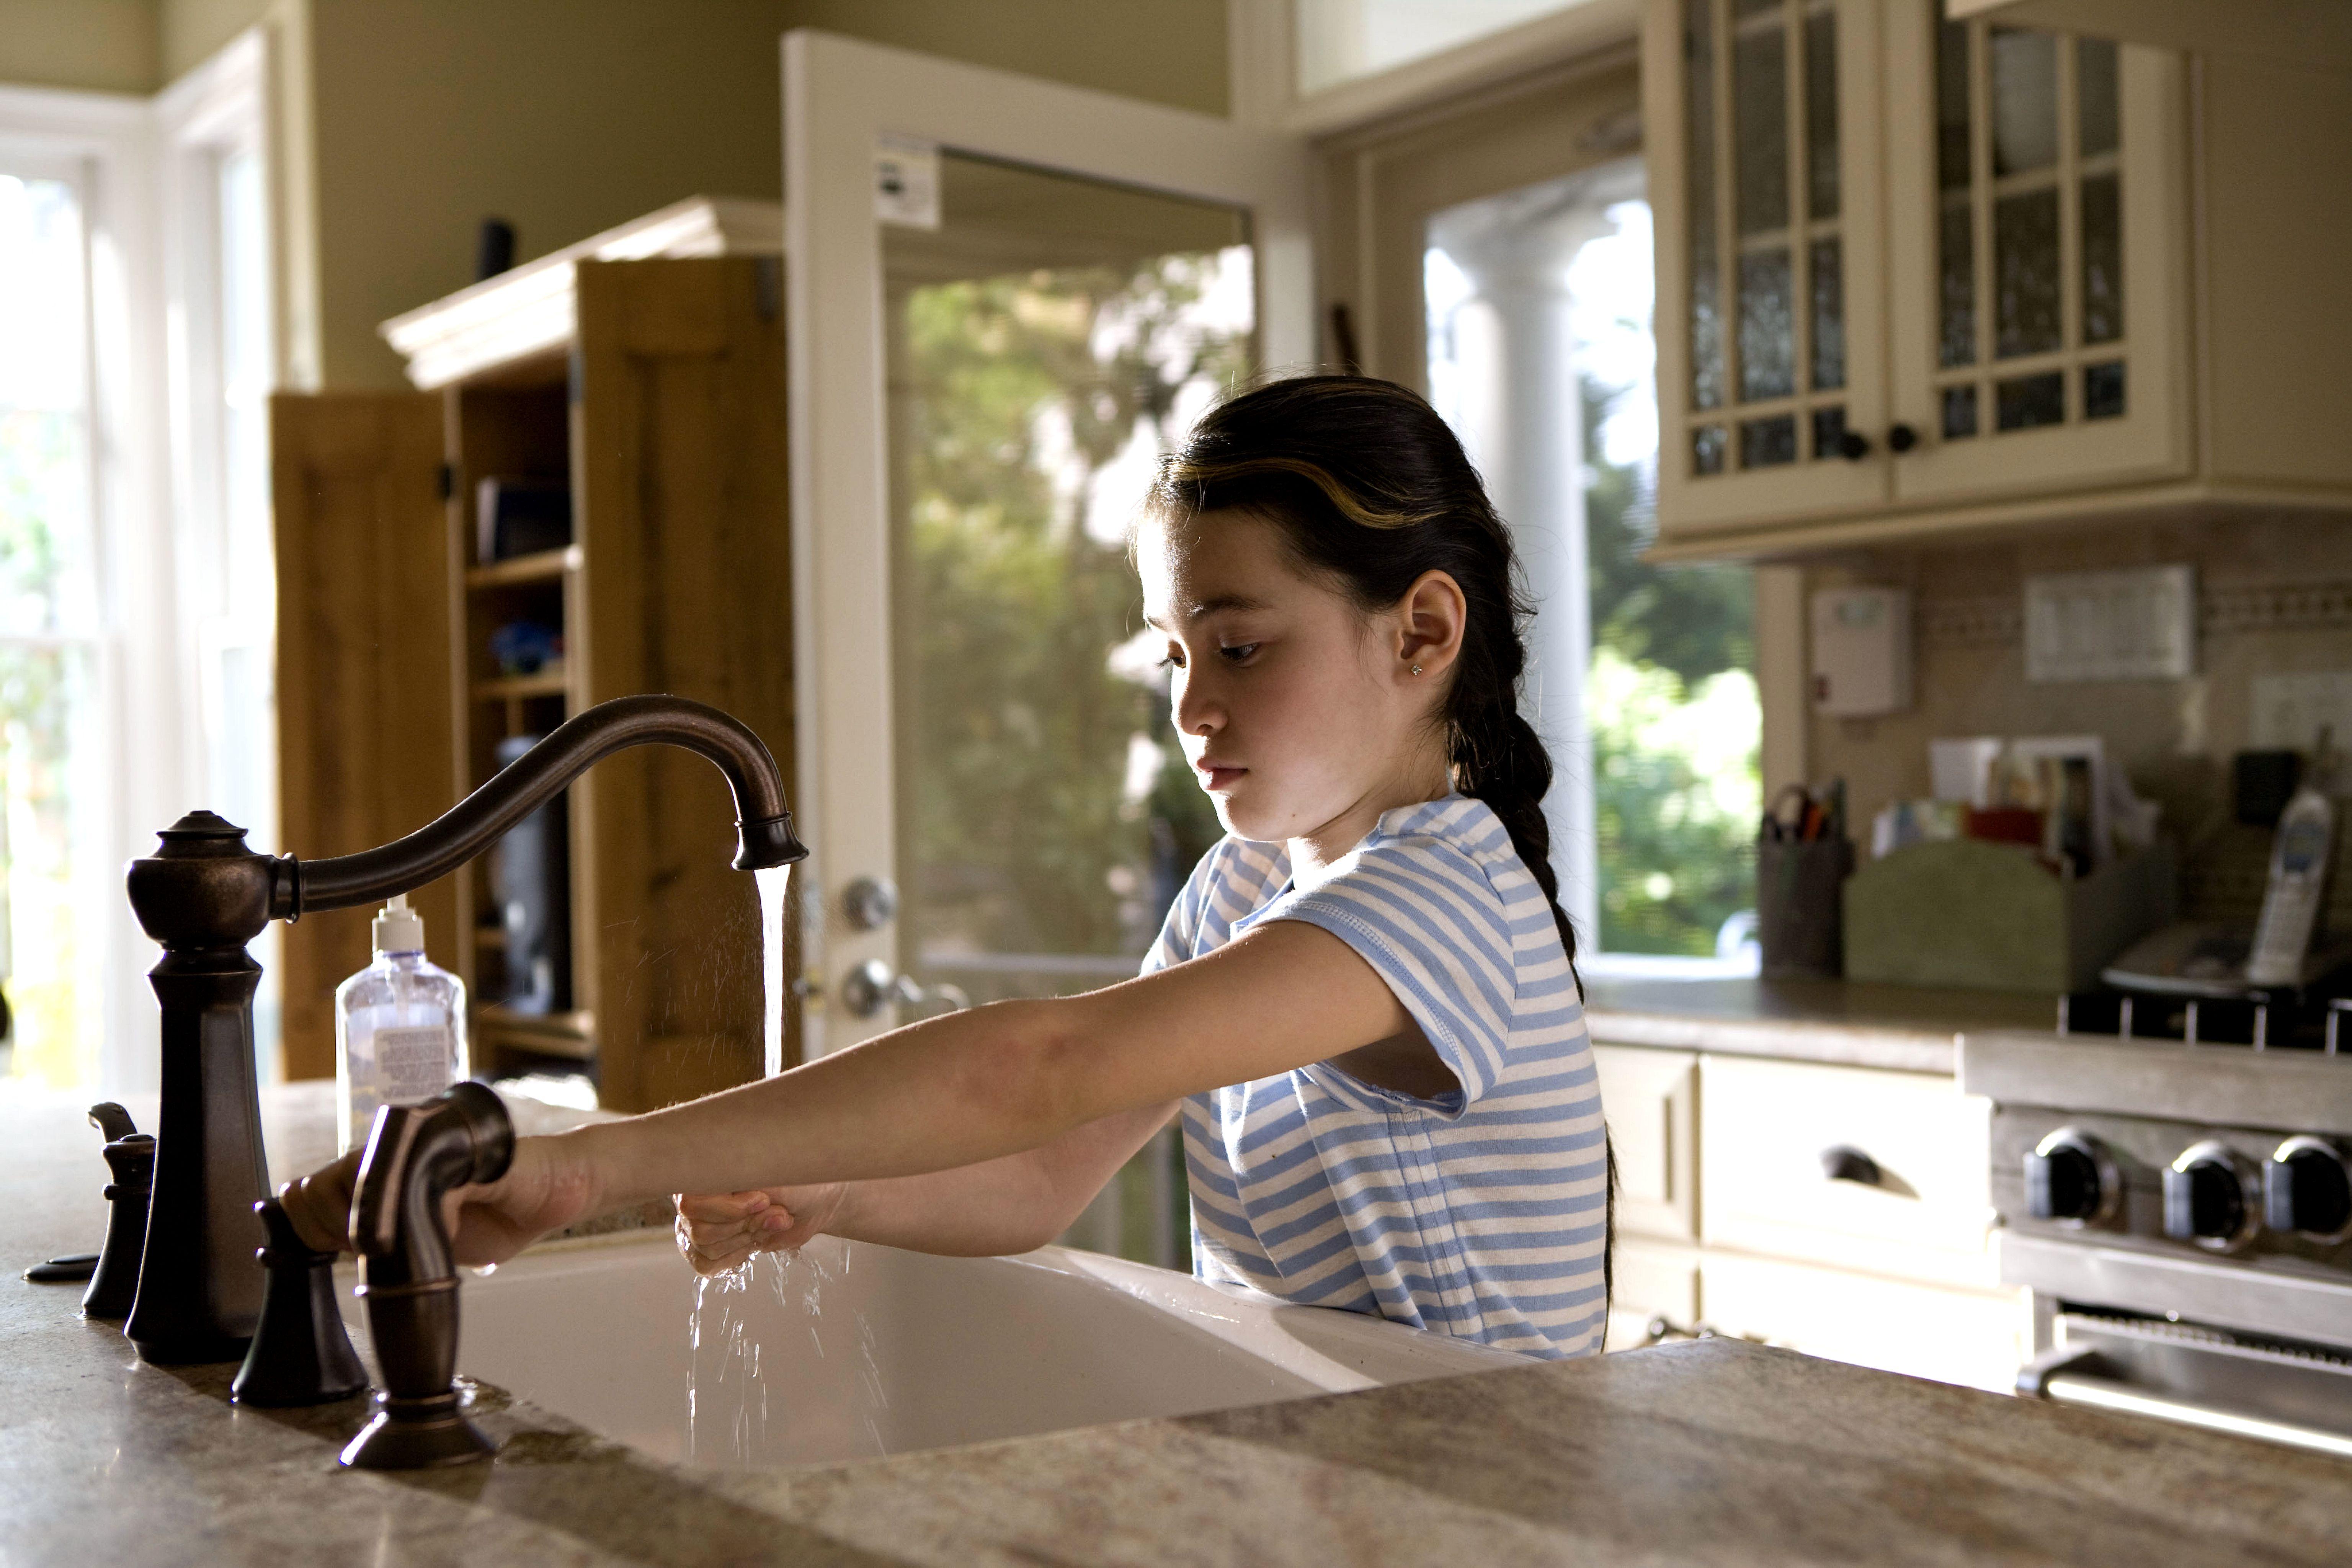 kostenlose bild m dchen vorsichtig ffnet wasser wasserh hne k che. Black Bedroom Furniture Sets. Home Design Ideas